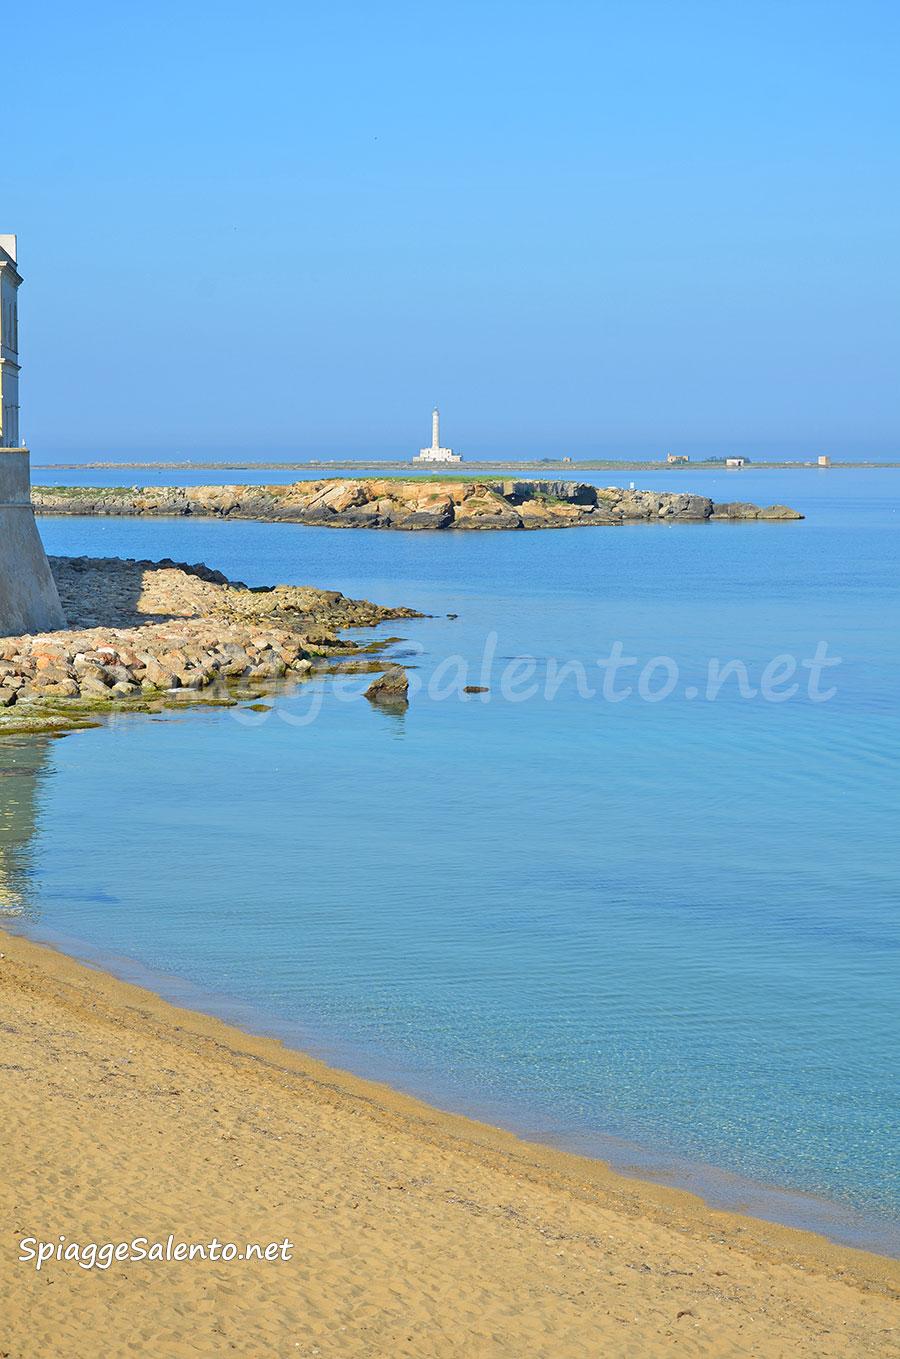 La spiaggia della Puritate a Gallipoli nel Salento